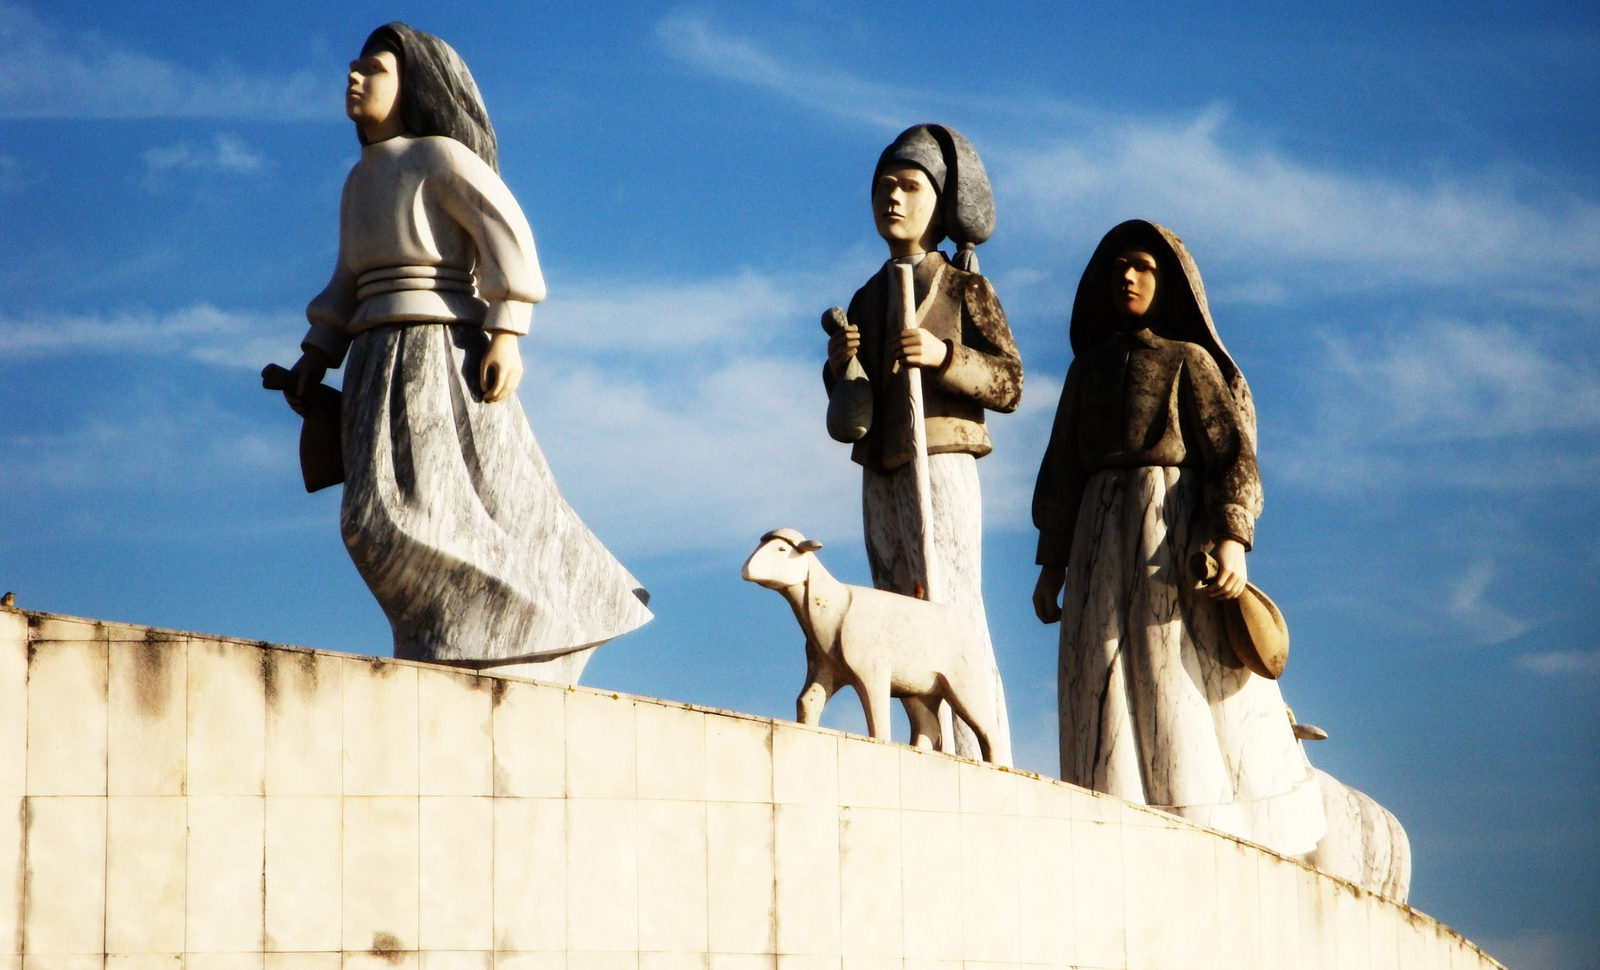 Virgen de Fátima, la más Profética de las Apariciones, Portugal (13 may)